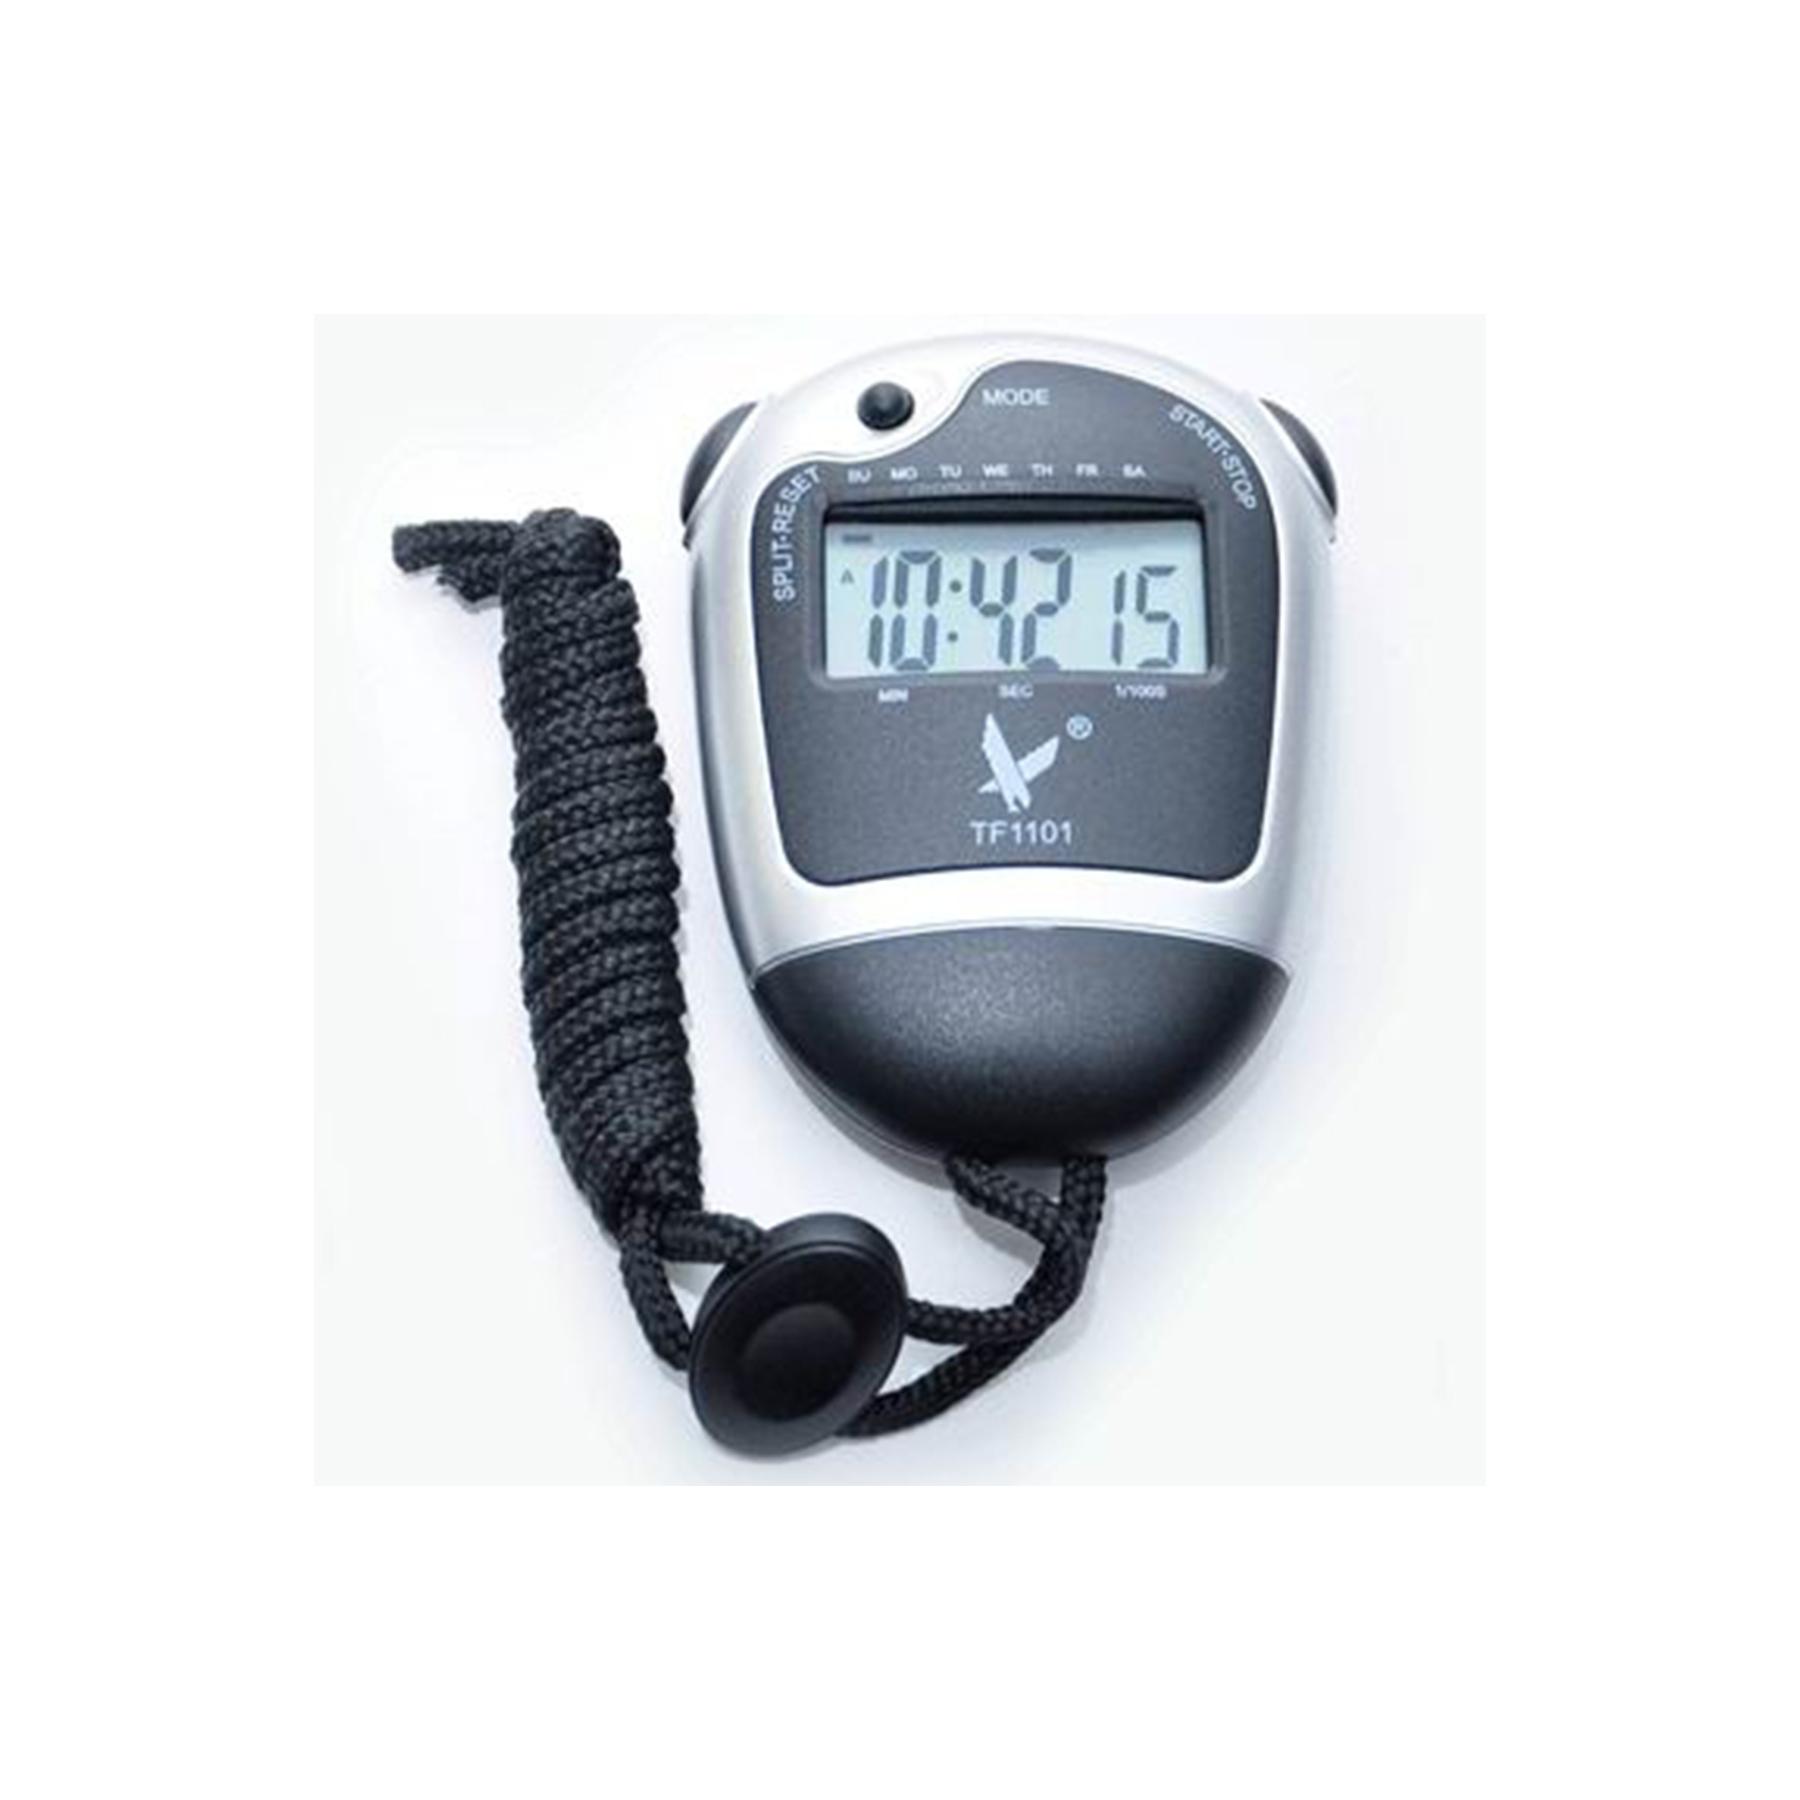 Секундомер TF-1101 (часы, будильник) 2 этапа 19304